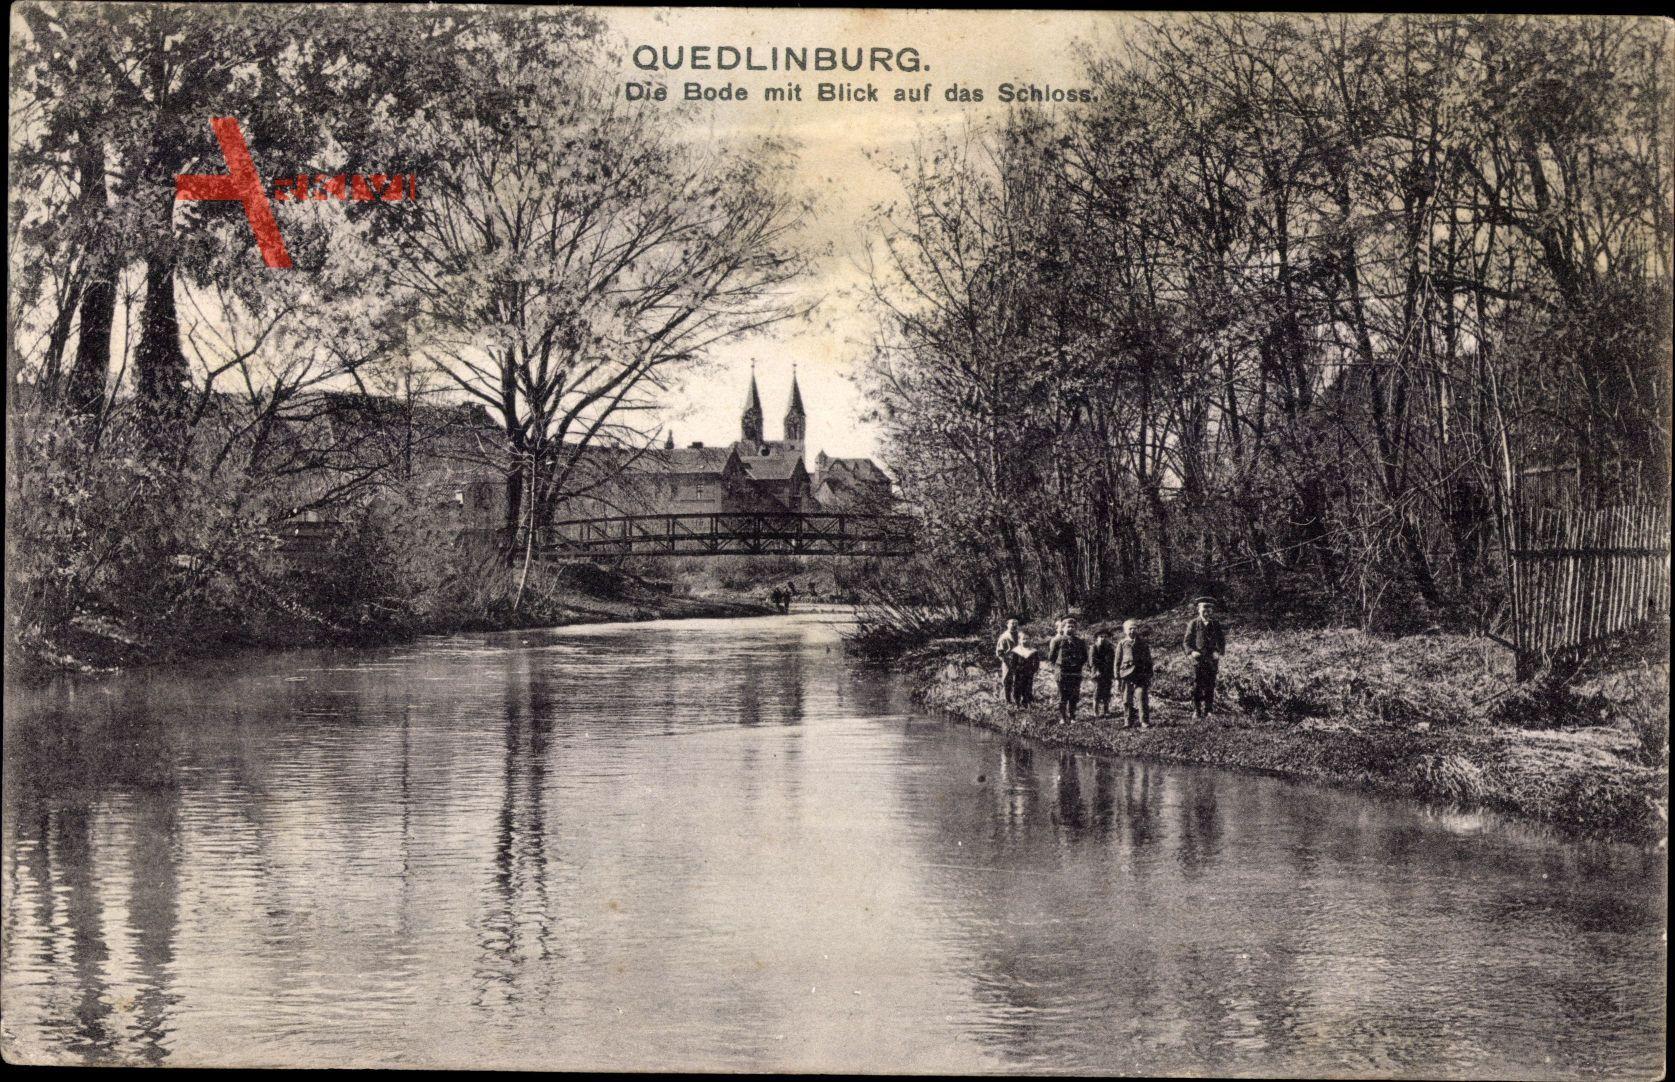 Quedlinburg im Harz, Die Bode mit Blick auf das Schloss, Kinder